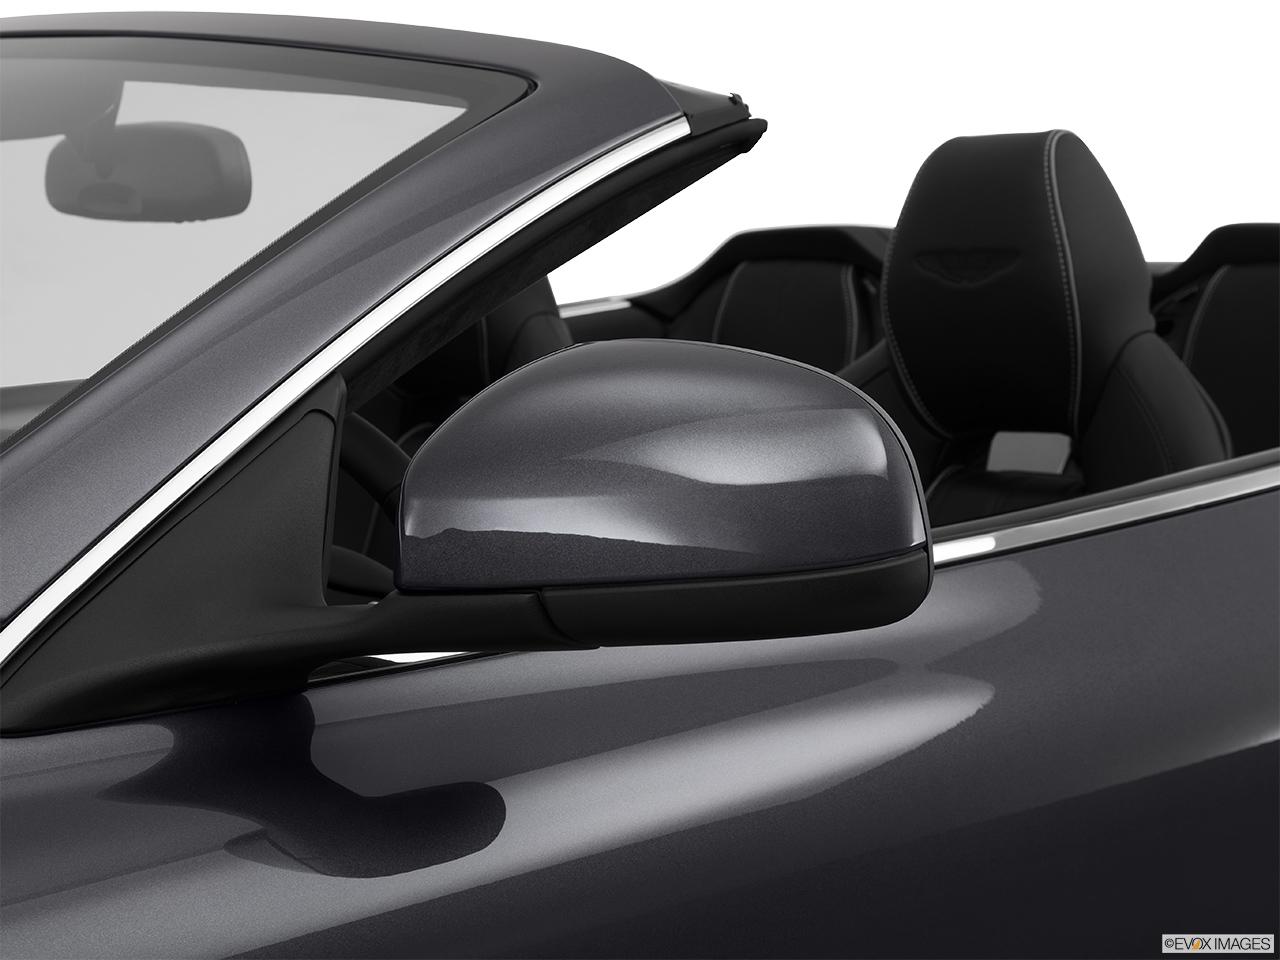 2014 Aston Martin Db9 Volante Automatic Driver S Side